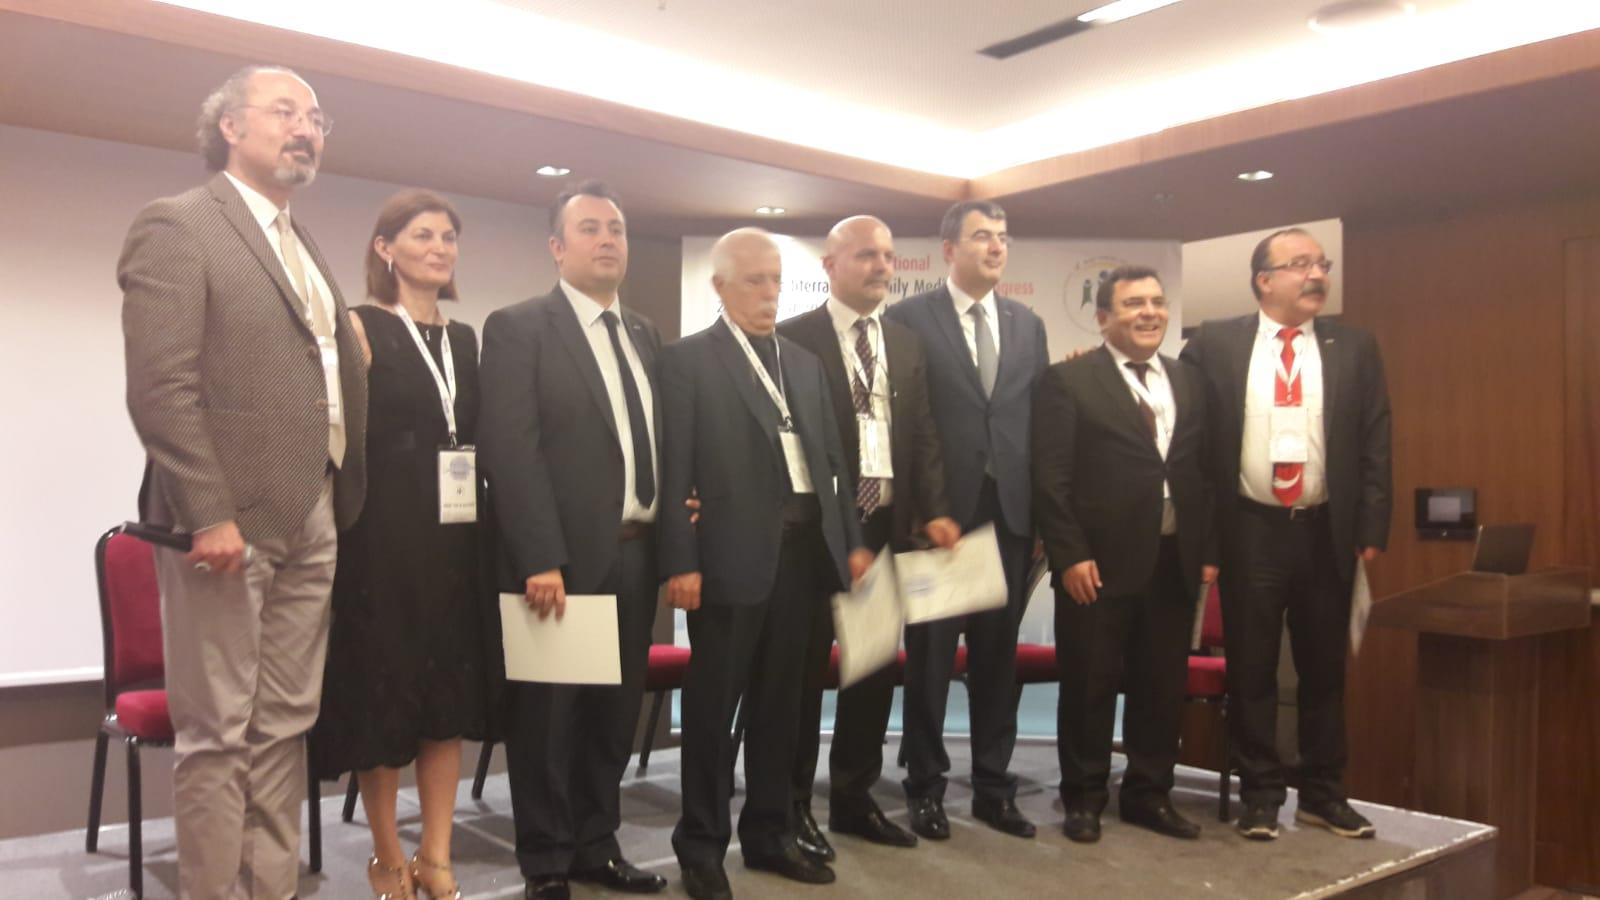 Doğu Akdeniz Aile Hekimliği Kongresi Adana'da Gerçekleştirildi